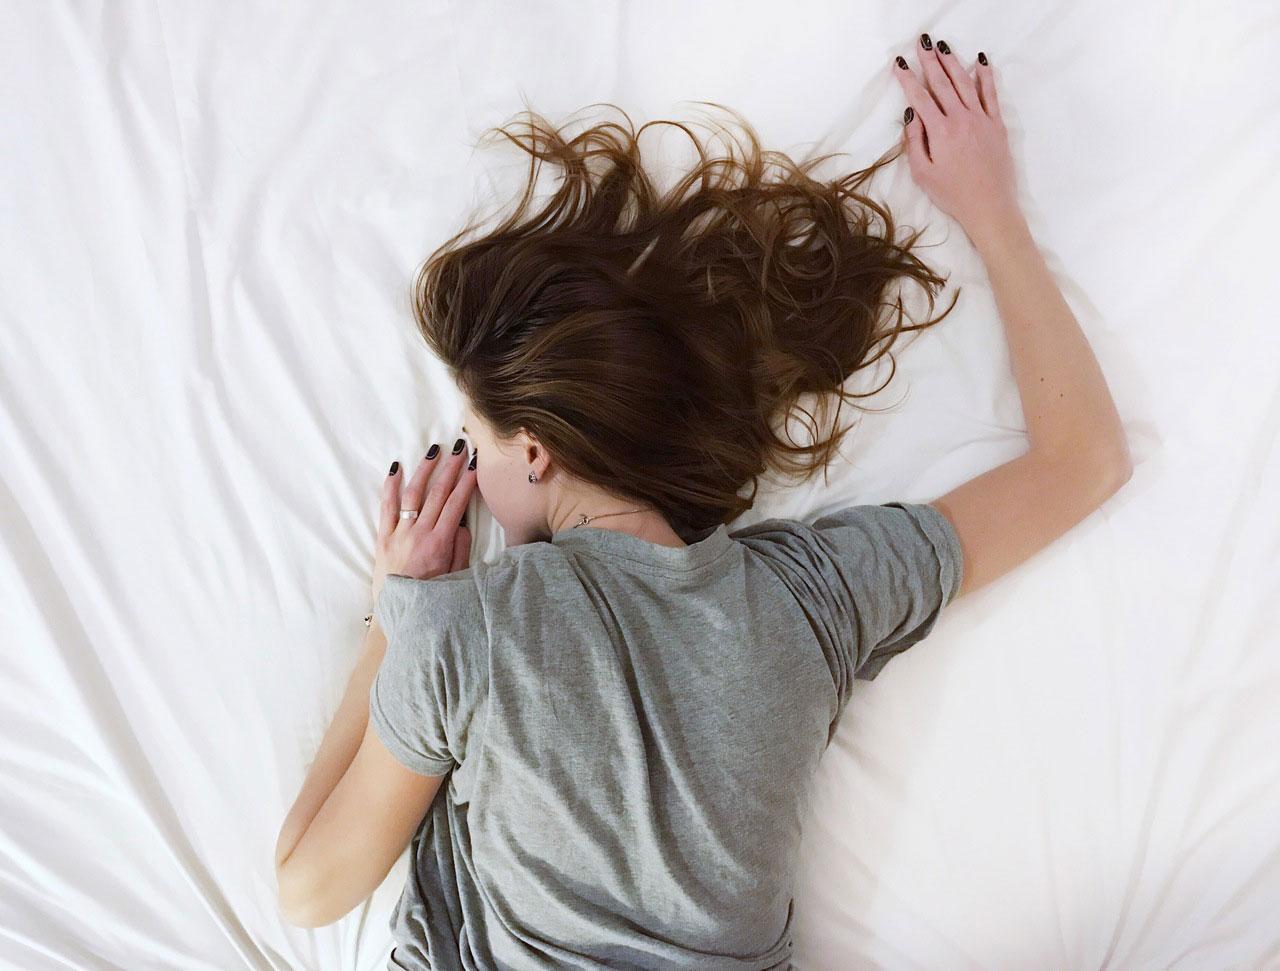 Frau schläft in nachhaltigem Bett